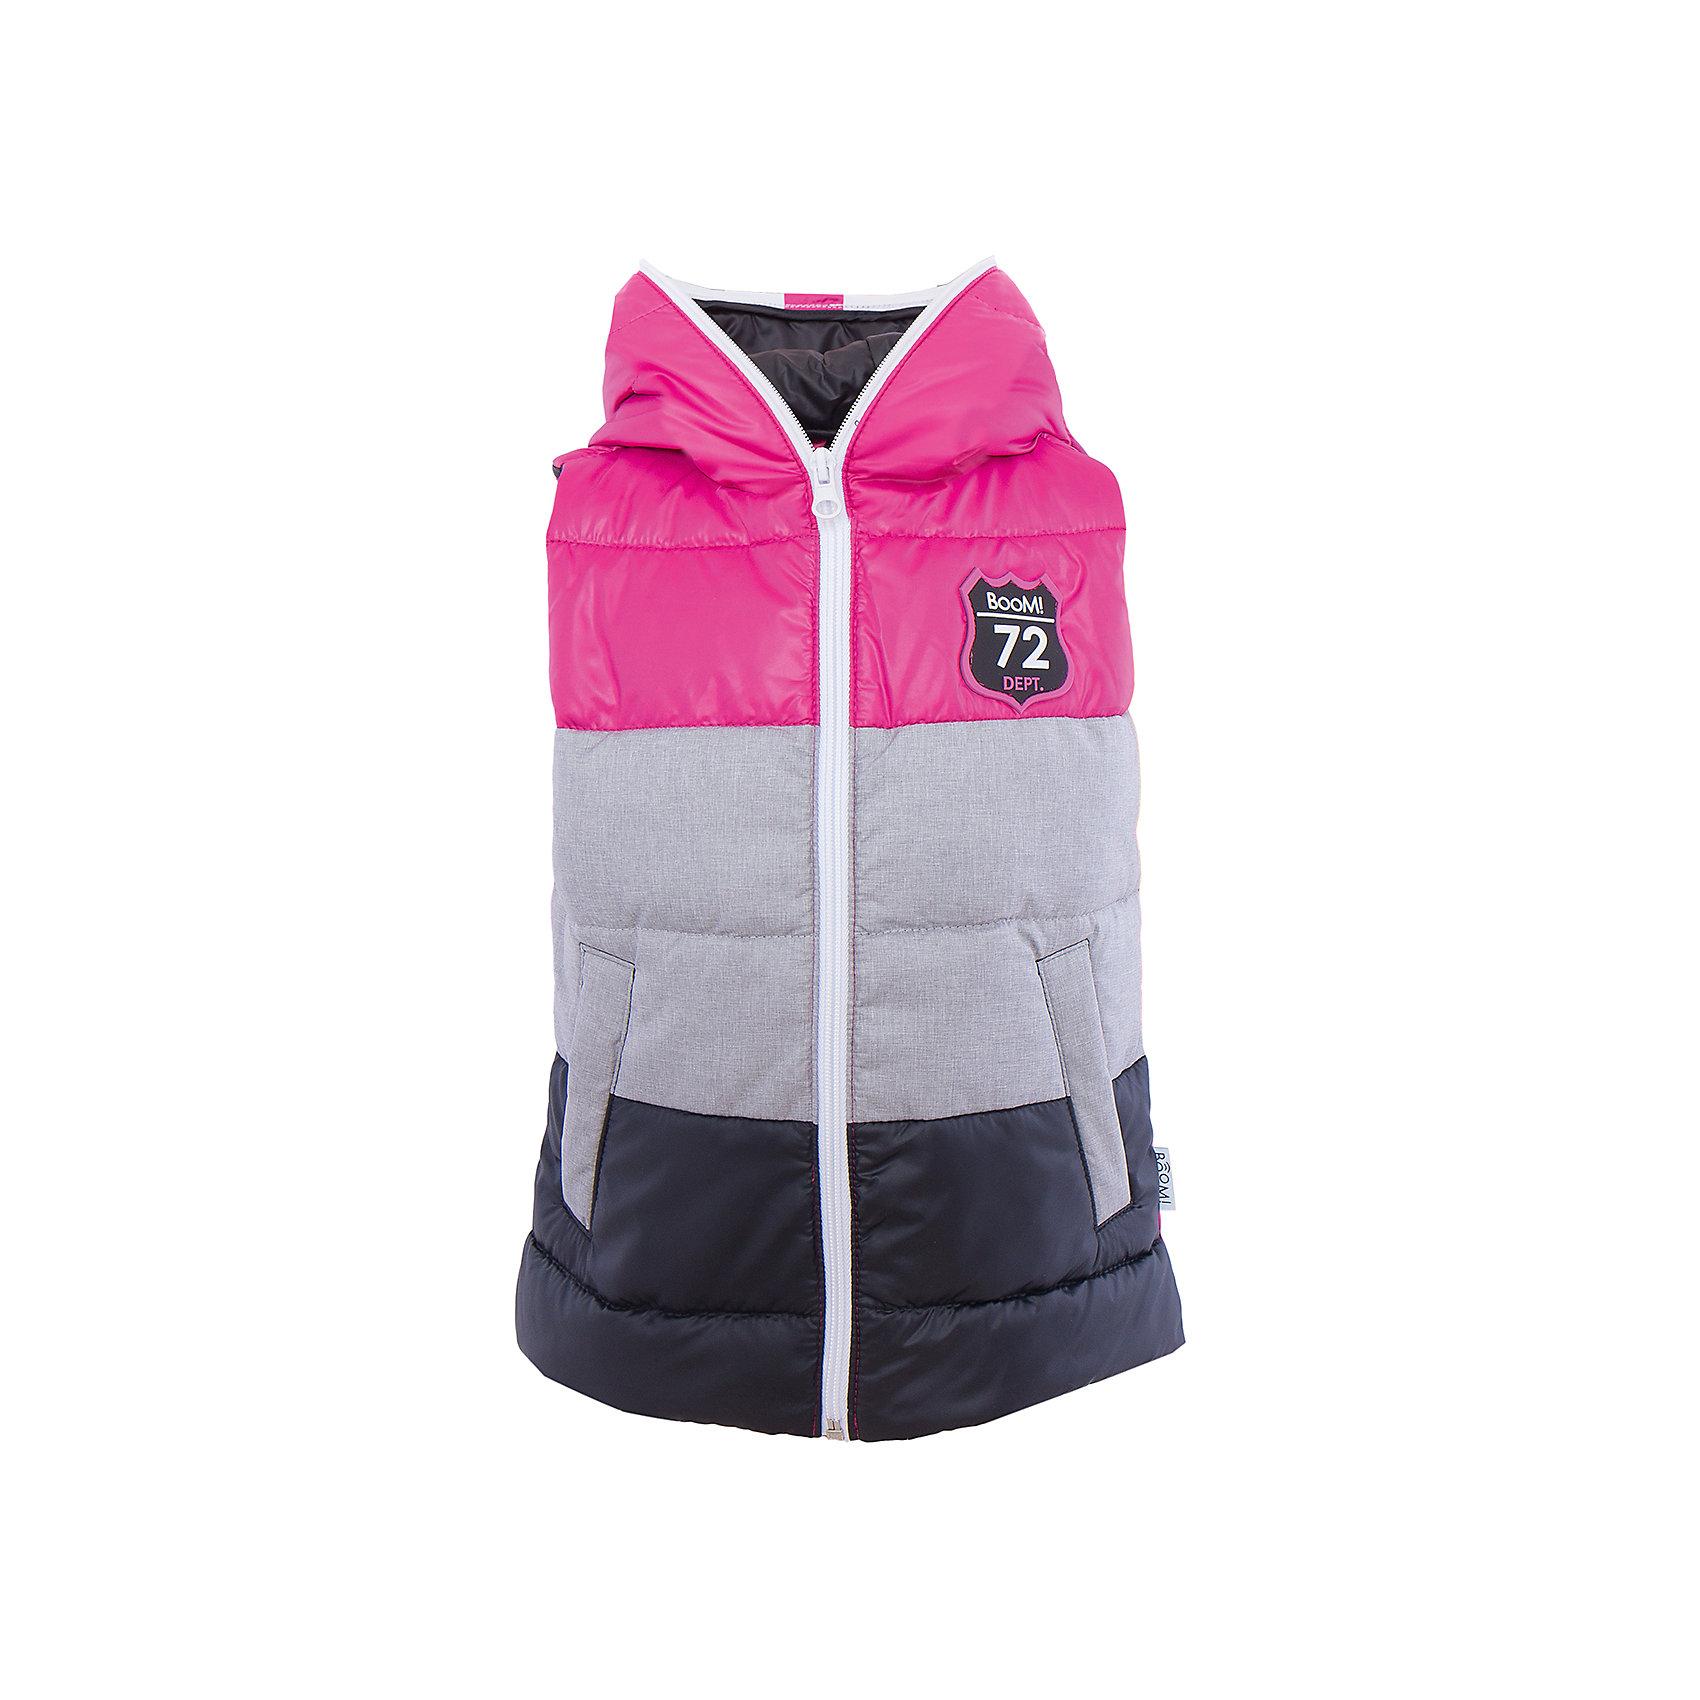 Жилет для девочки BOOM by OrbyВерхняя одежда<br>Характеристики товара:<br><br>• цвет: розовый/серый/черный<br>• состав: 100% полиэстер<br>• верхняя ткань:Болонь pu milky; 100% ПЭ<br>• подкладка: Поликоттон, ПЭ<br>• наполнитель: Эко-синтепон, 150гр/м2.<br>• температурный режим: от +15°до +5°С<br>• пропитка от промокания<br>• застежка - молния<br>• капюшон (не отстегивается)<br>• украшен нашивкой<br>• карманы<br>• комфортная посадка<br>• страна производства: Российская Федерация<br>• страна бренда: Российская Федерация<br>• коллекция: весна-лето 2017<br><br>Такой жилет - универсальный вариант и для прохладного летнего вечера, и для теплого межсезонья. Эта модель - модная и удобная одновременно! Изделие отличается стильным ярким дизайном. Жилет хорошо сидит по фигуре, отлично сочетается с различным низом. Вещь была разработана специально для детей.<br><br>Одежда от российского бренда BOOM by Orby уже завоевала популярностью у многих детей и их родителей. Вещи, выпускаемые компанией, качественные, продуманные и очень удобные. Для производства коллекций используются только безопасные для детей материалы. Спешите приобрести модели из новой коллекции Весна-лето 2017! <br><br>Жилет для девочки от бренда BOOM by Orby можно купить в нашем интернет-магазине.<br><br>Ширина мм: 356<br>Глубина мм: 10<br>Высота мм: 245<br>Вес г: 519<br>Цвет: серый<br>Возраст от месяцев: 132<br>Возраст до месяцев: 144<br>Пол: Женский<br>Возраст: Детский<br>Размер: 152,122,128,134,140,110,146,104,92,158,98,116<br>SKU: 5342919